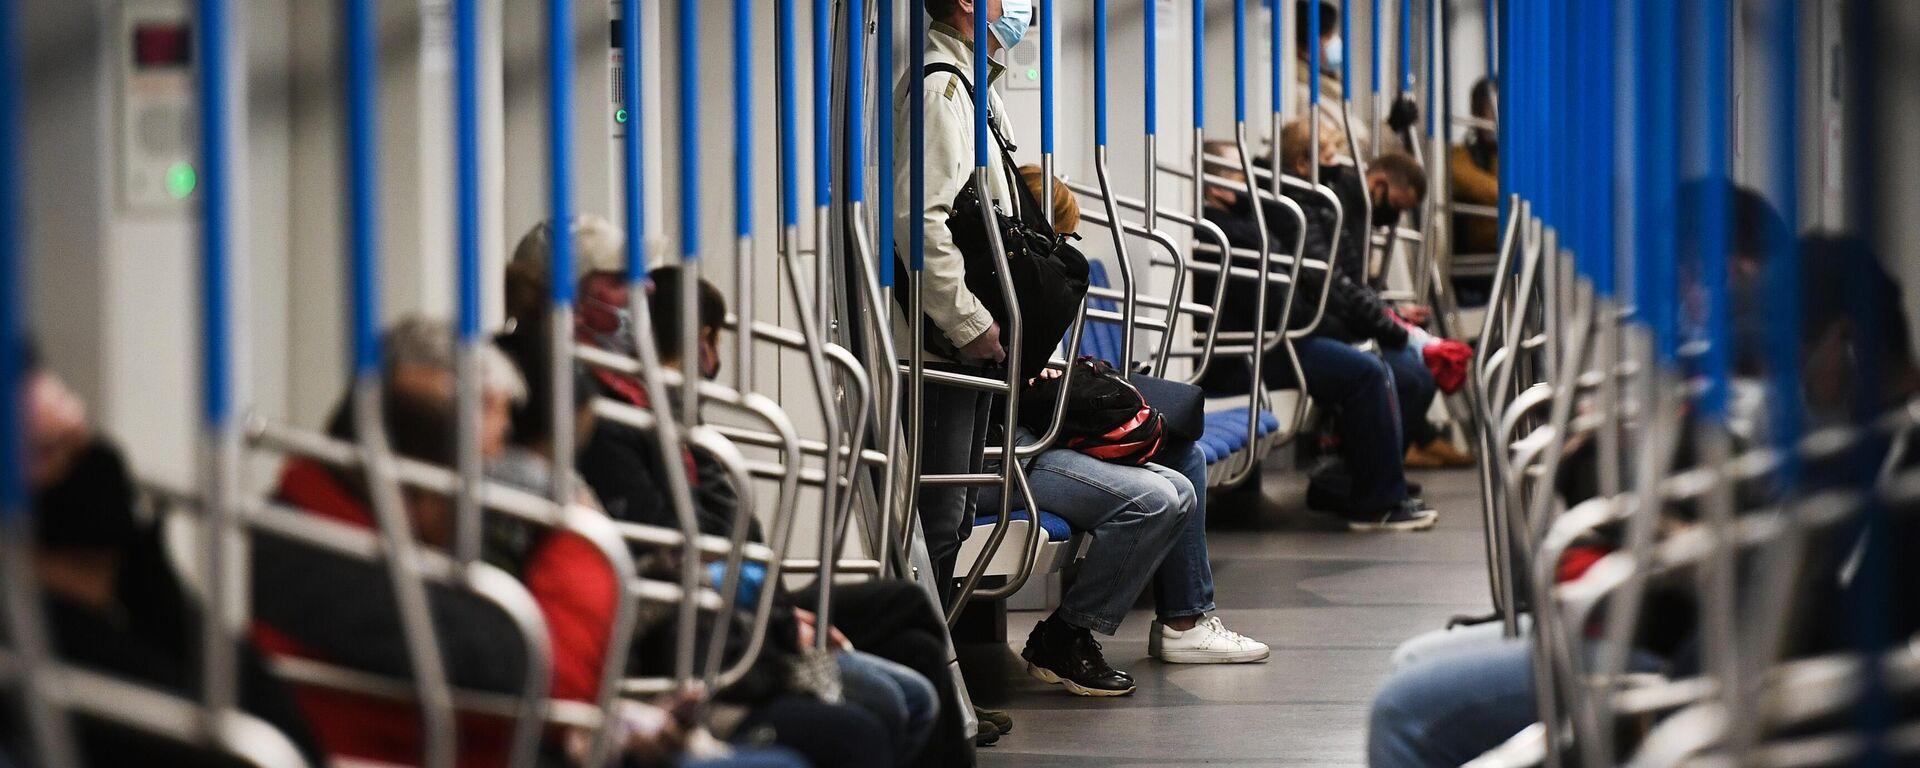 Пассажиры в поезде метро - Sputnik Узбекистан, 1920, 13.07.2021